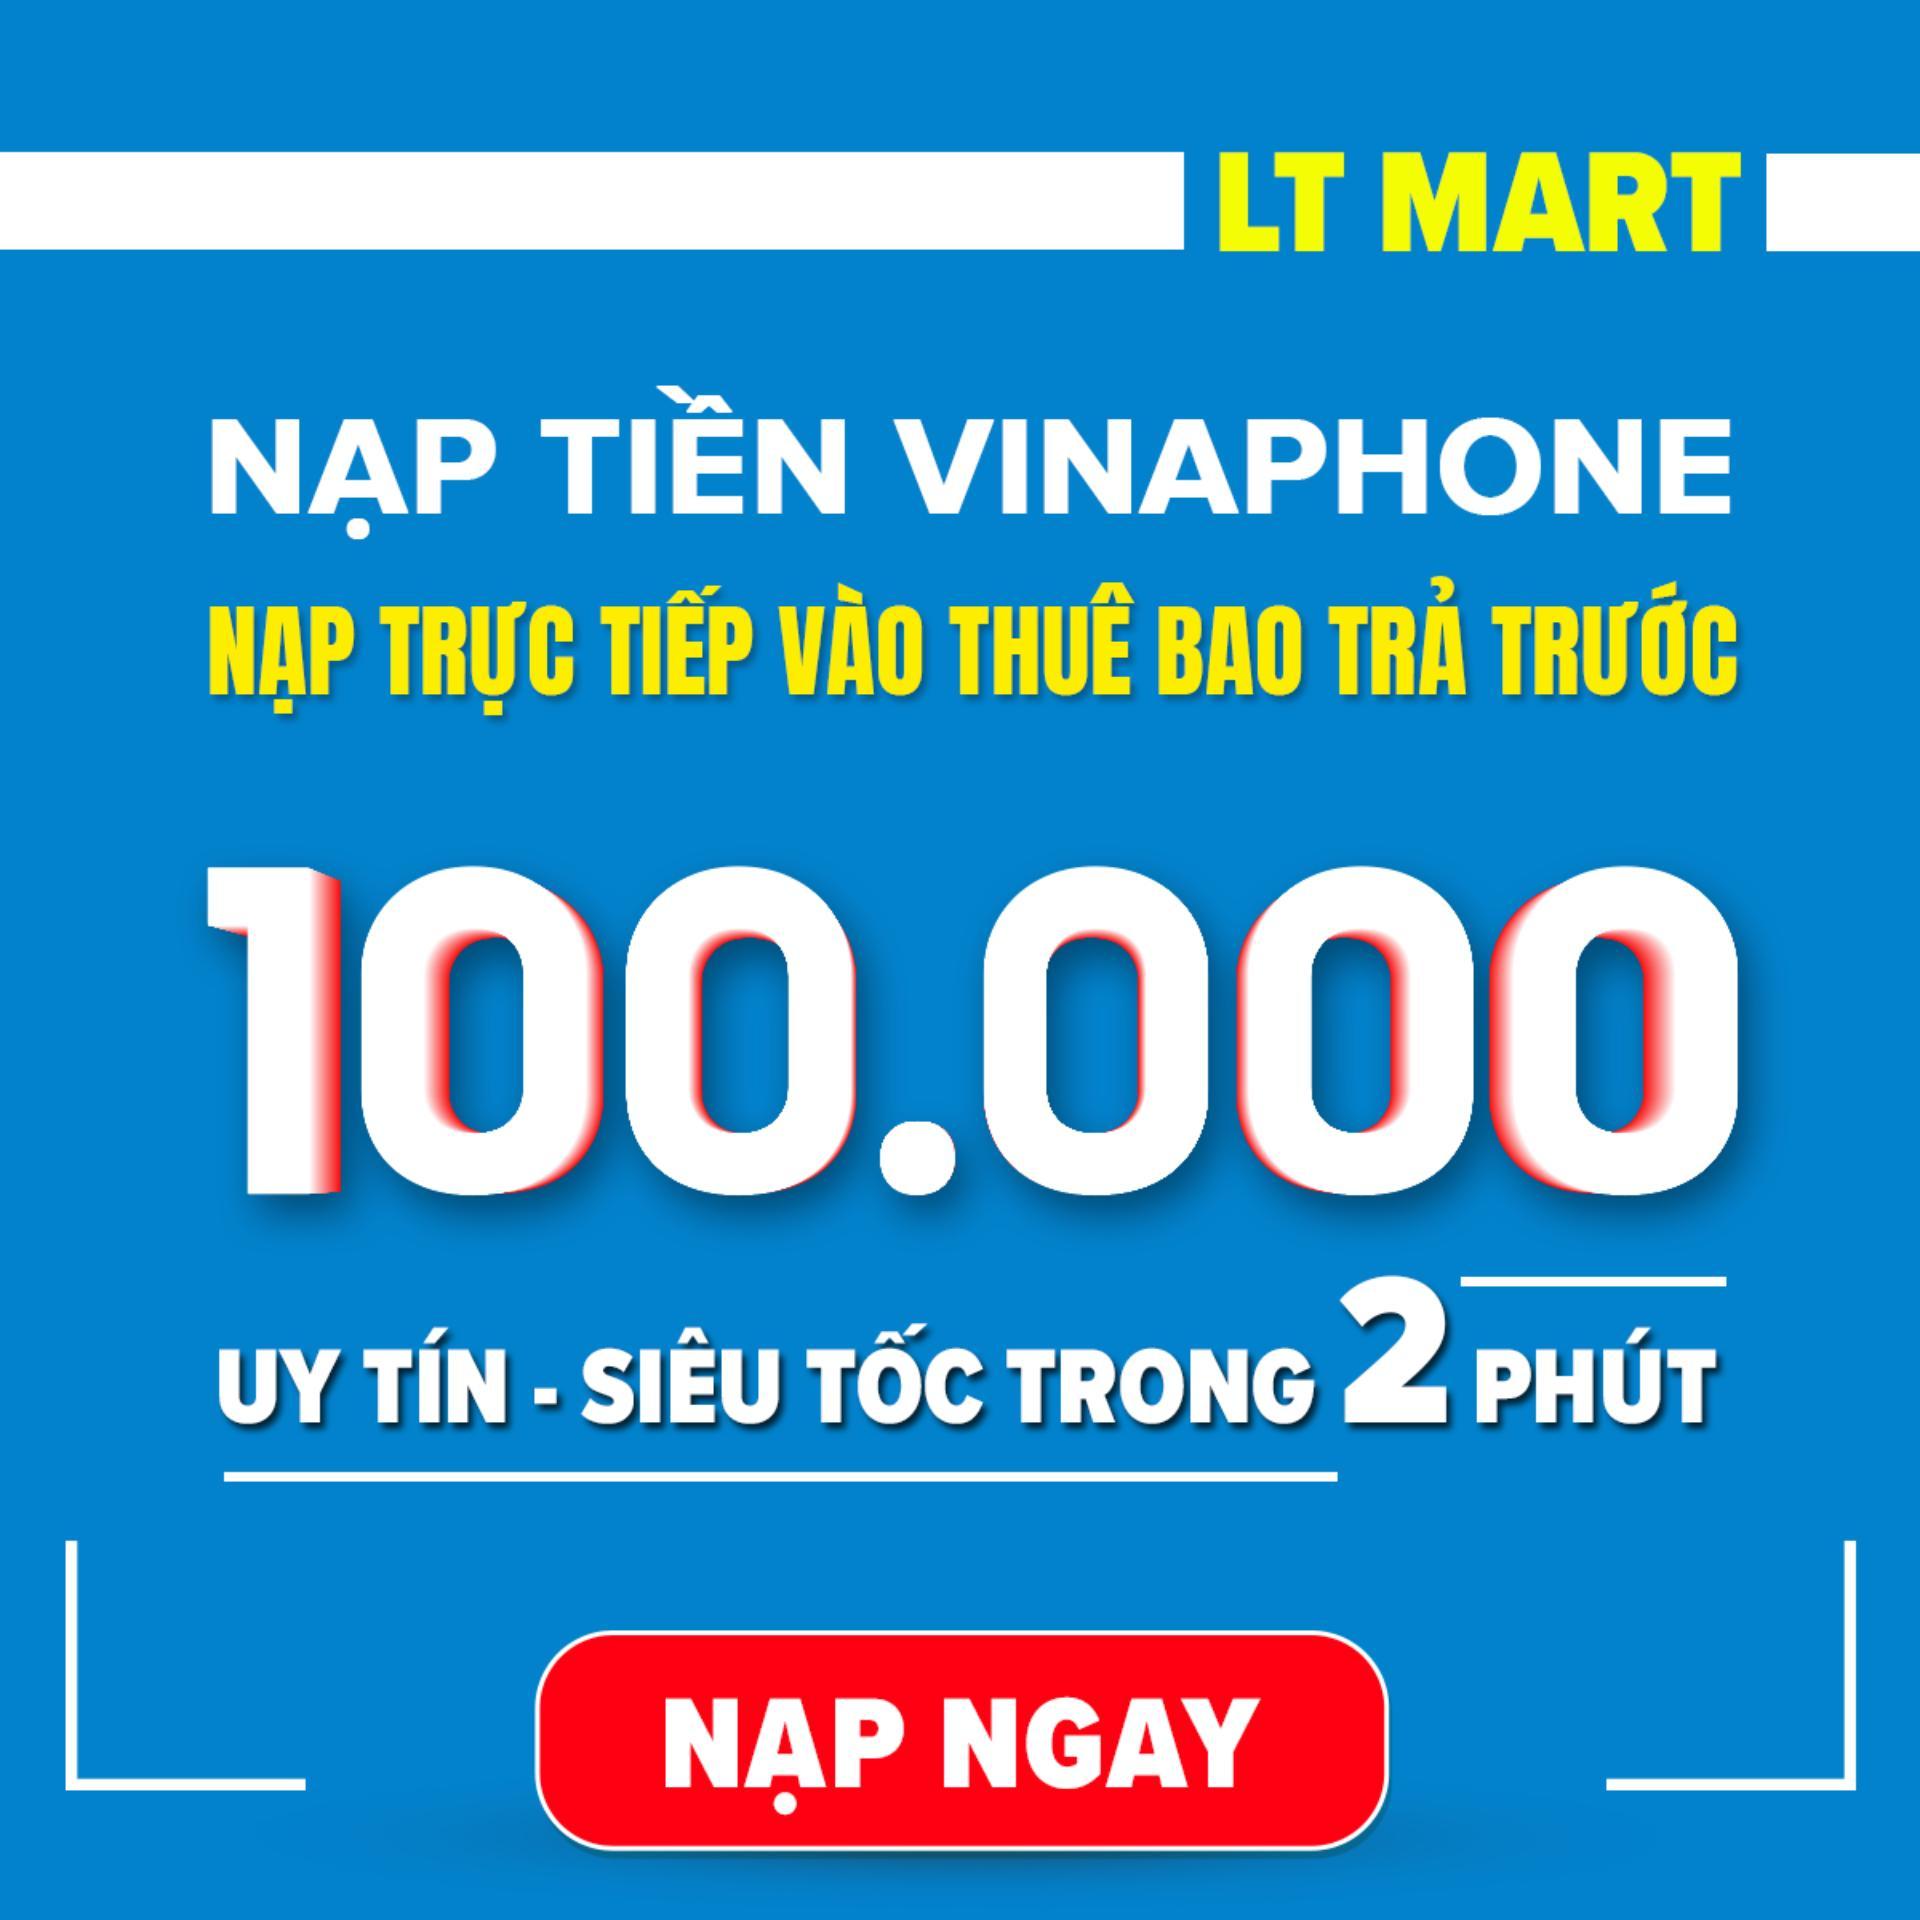 Nạp Tiền Vinaphone 100.000 (Nạp Tiền Trực Tiếp Vào Thuê Bao Trả Trước Vinaphone).Nạp Tiền.thẻ Cào [Vinaphone][100000] Giá Tốt Không Thể Bỏ Qua